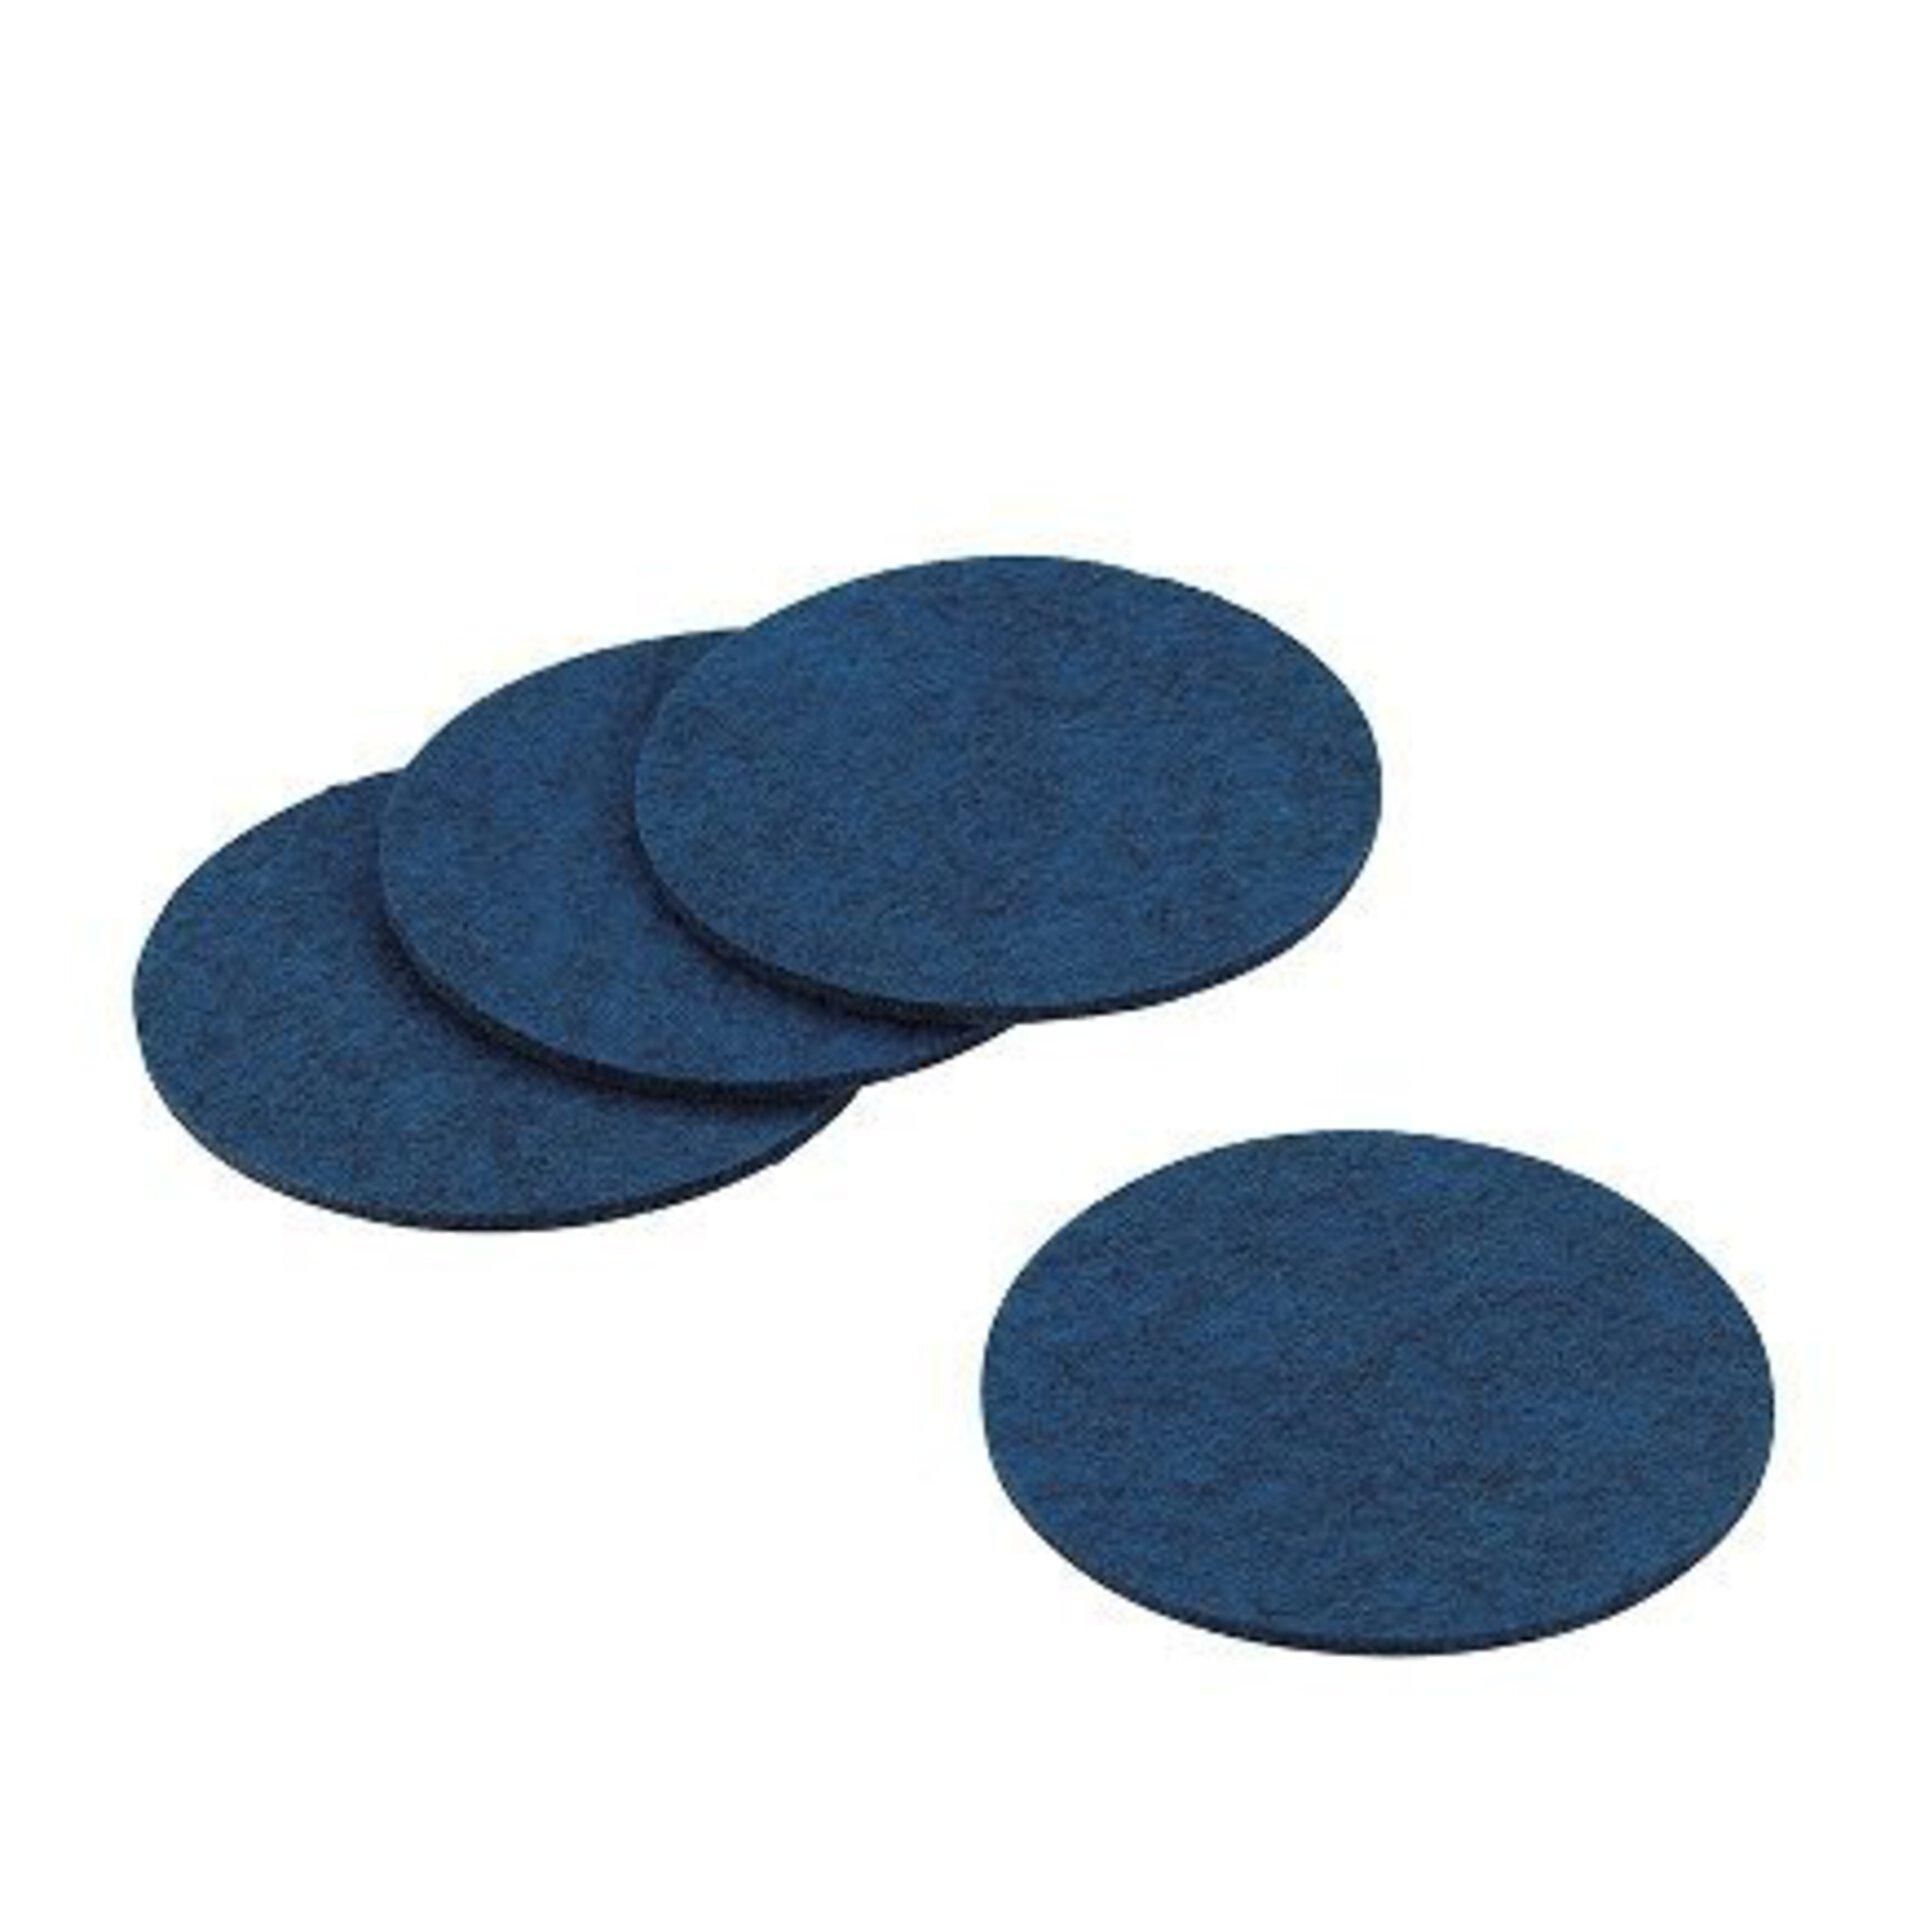 Tischset Alia Kela Textil Blau